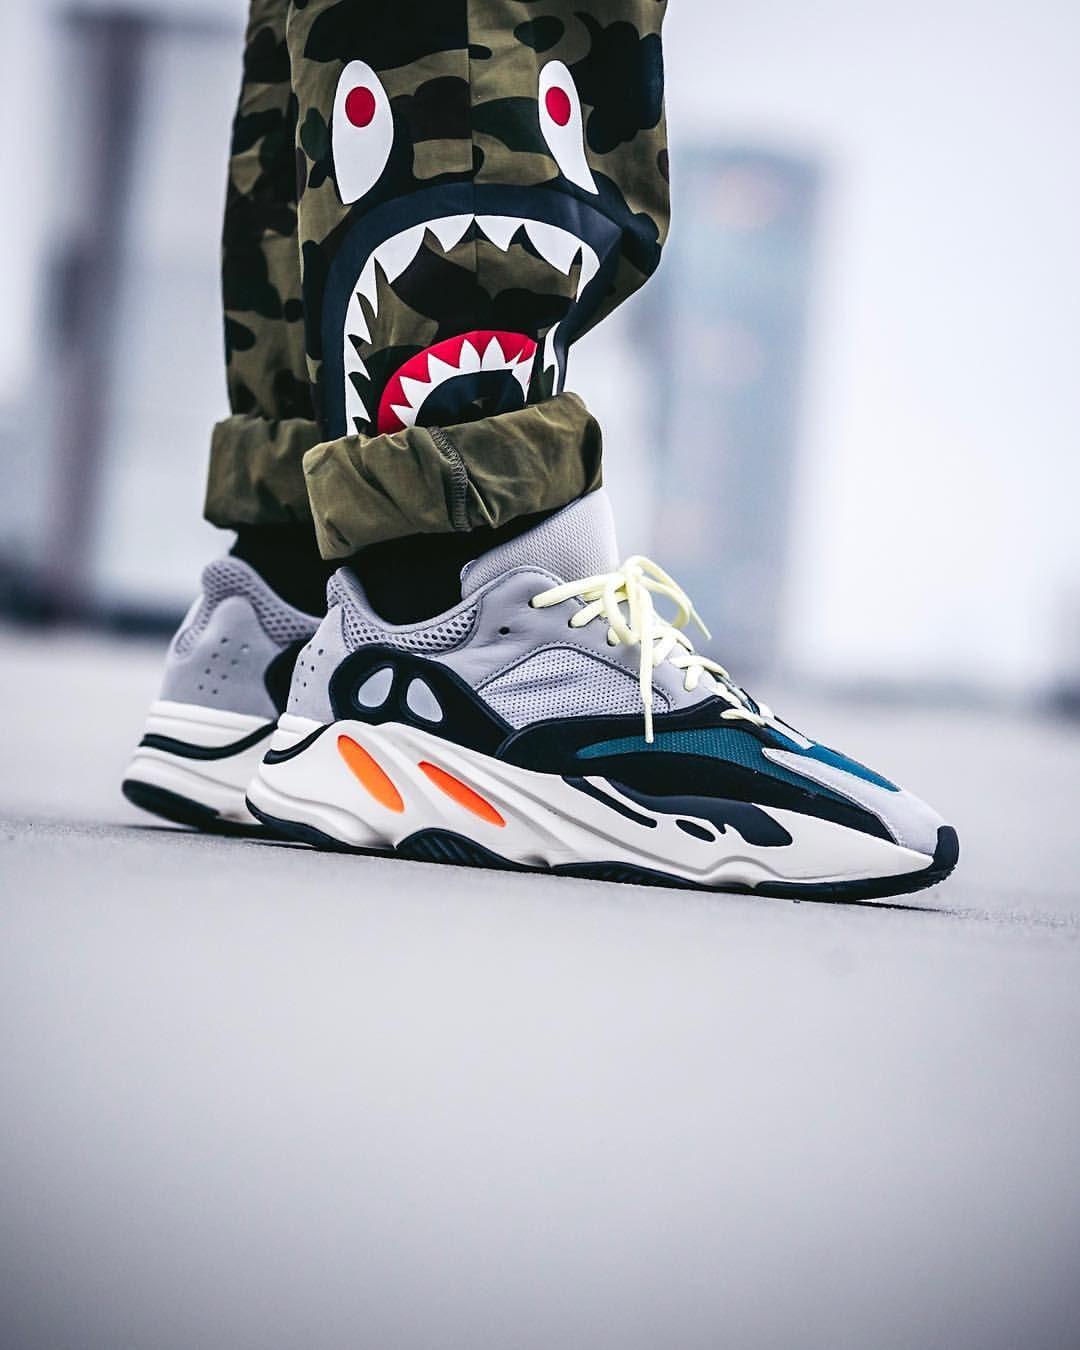 6dd9482778f2 adidas Yeezy Wave Runner